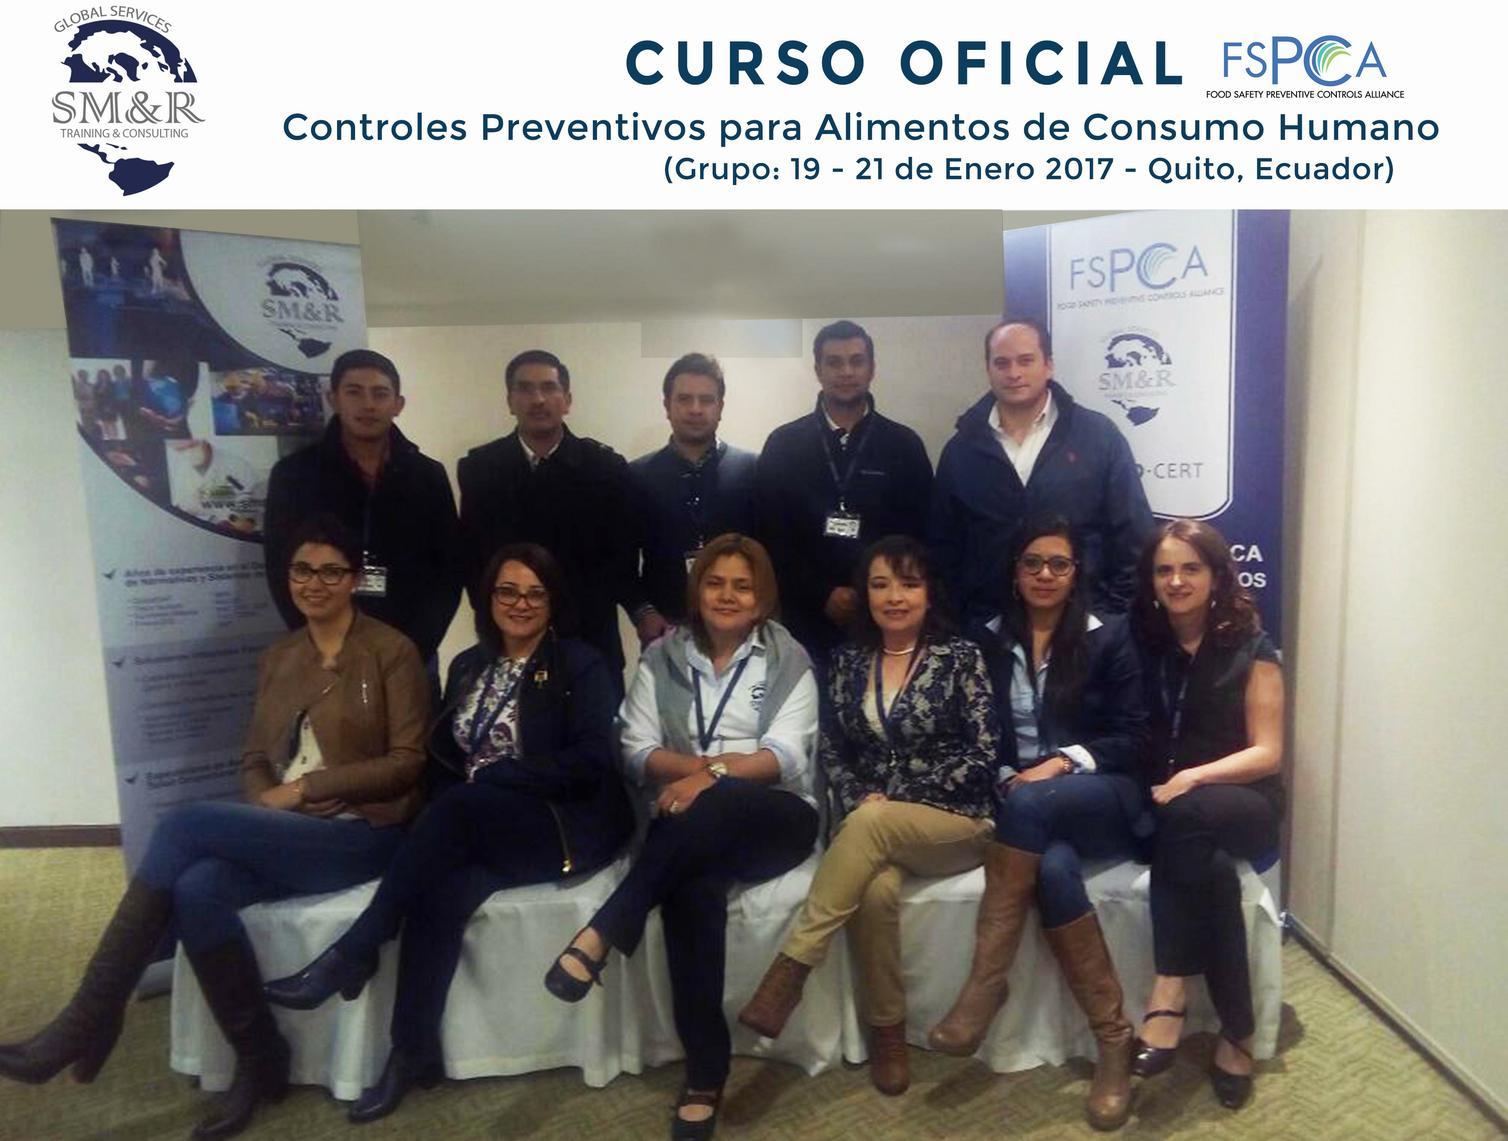 Grupo F FSPCA 19 21Ene2017